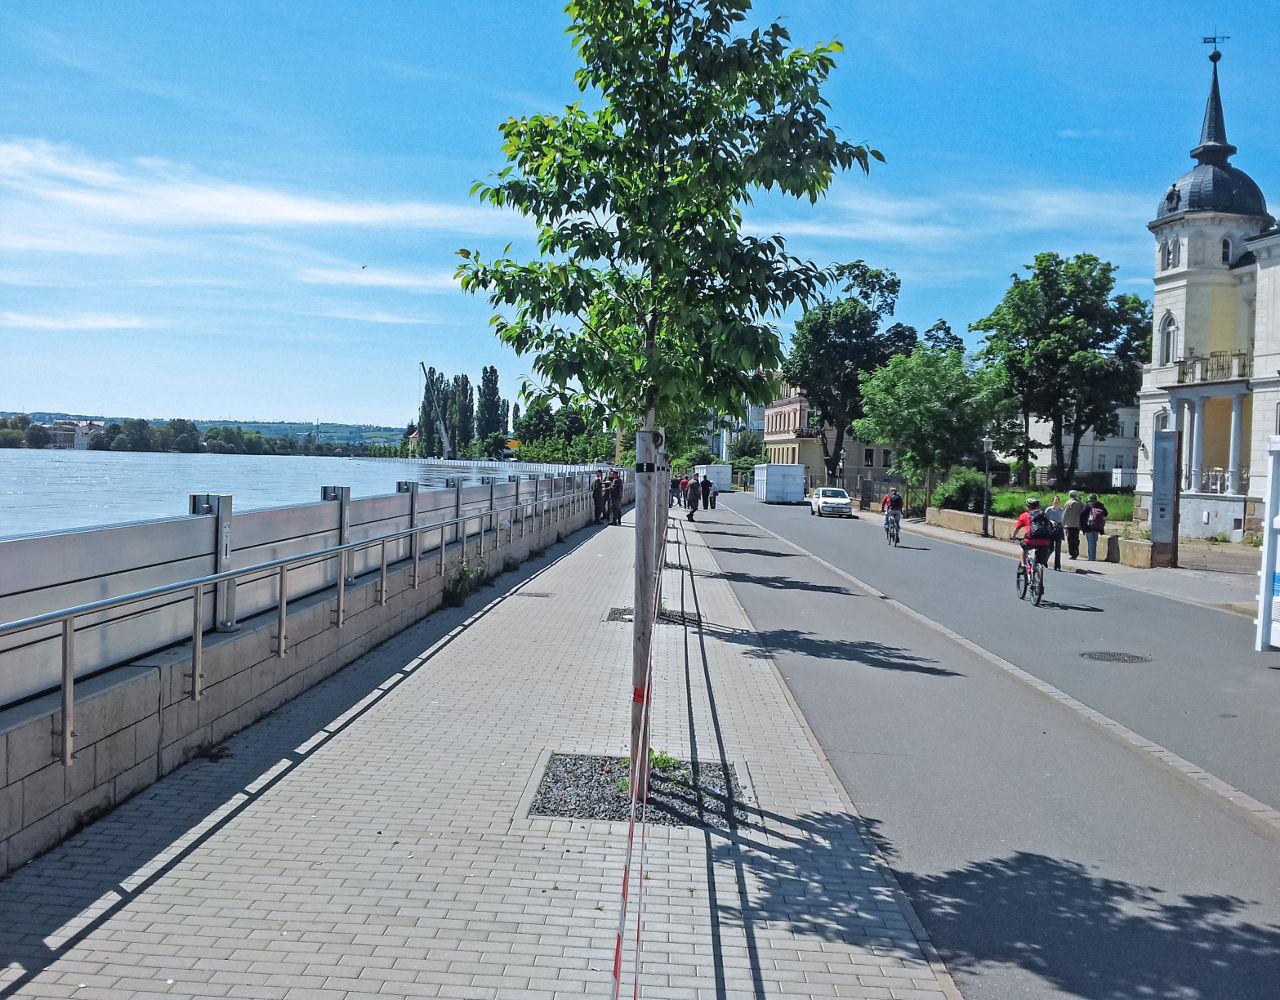 wpm Projektmanagement-hochwasserschutzlinie Kaditzer Flutrinnie